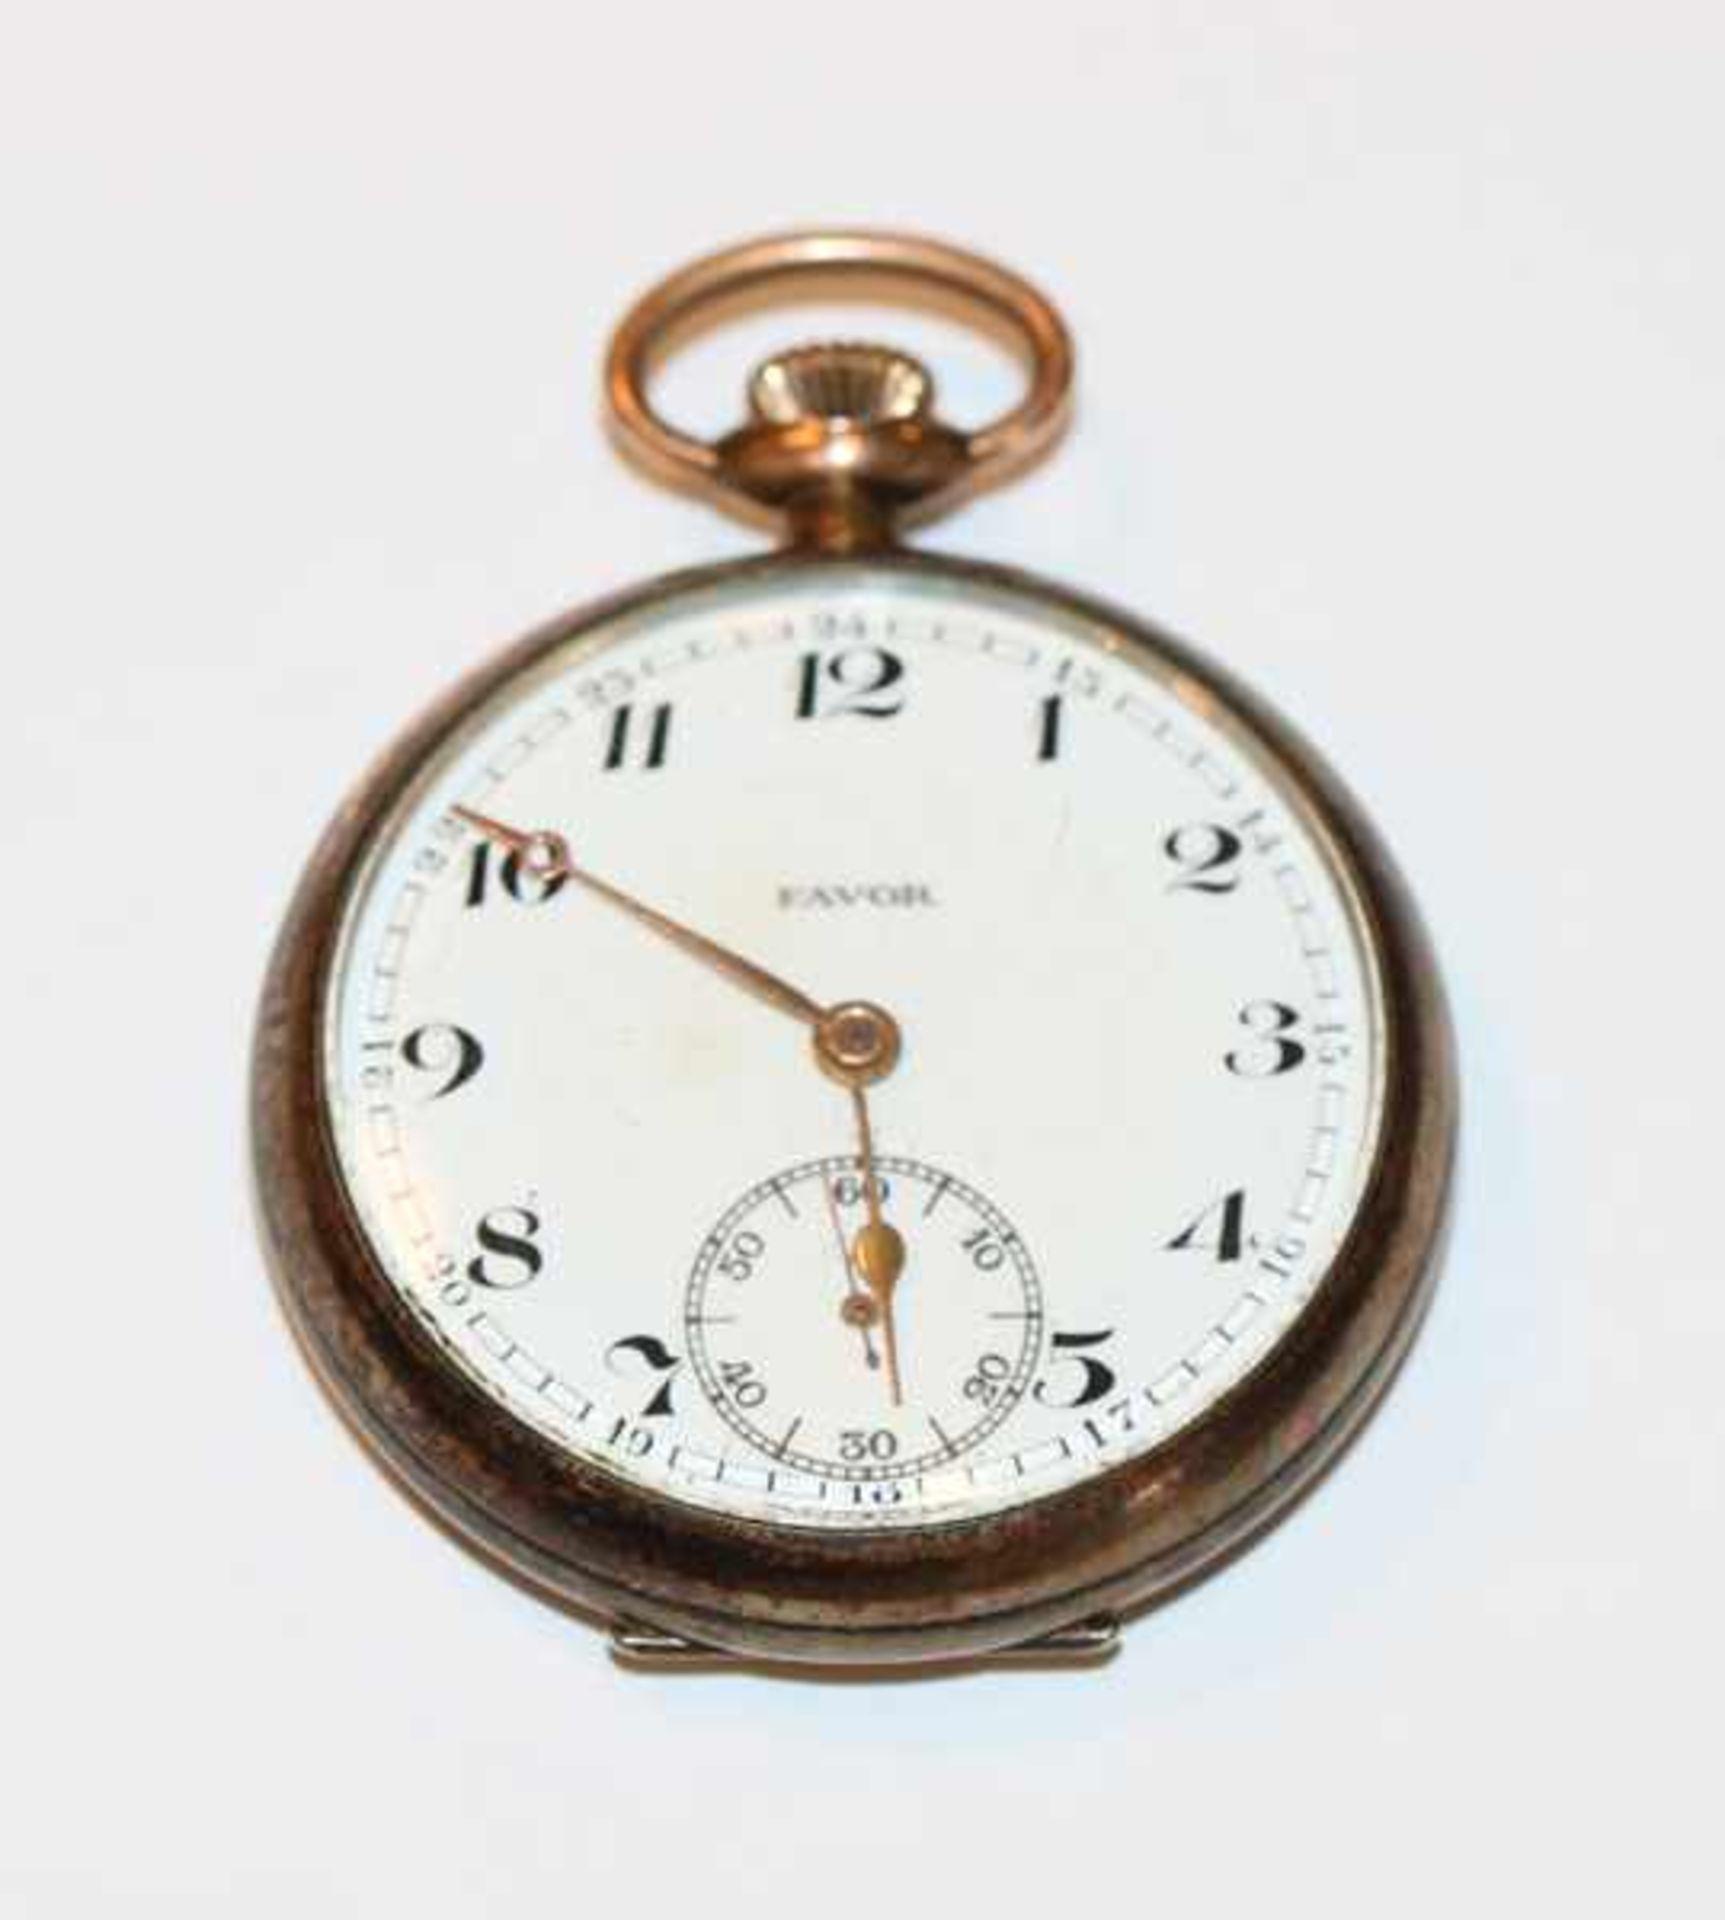 Los 6 - Taschenuhr, Favor, 800 Silber, nicht intakt, D 4,5 cm, Tragespuren